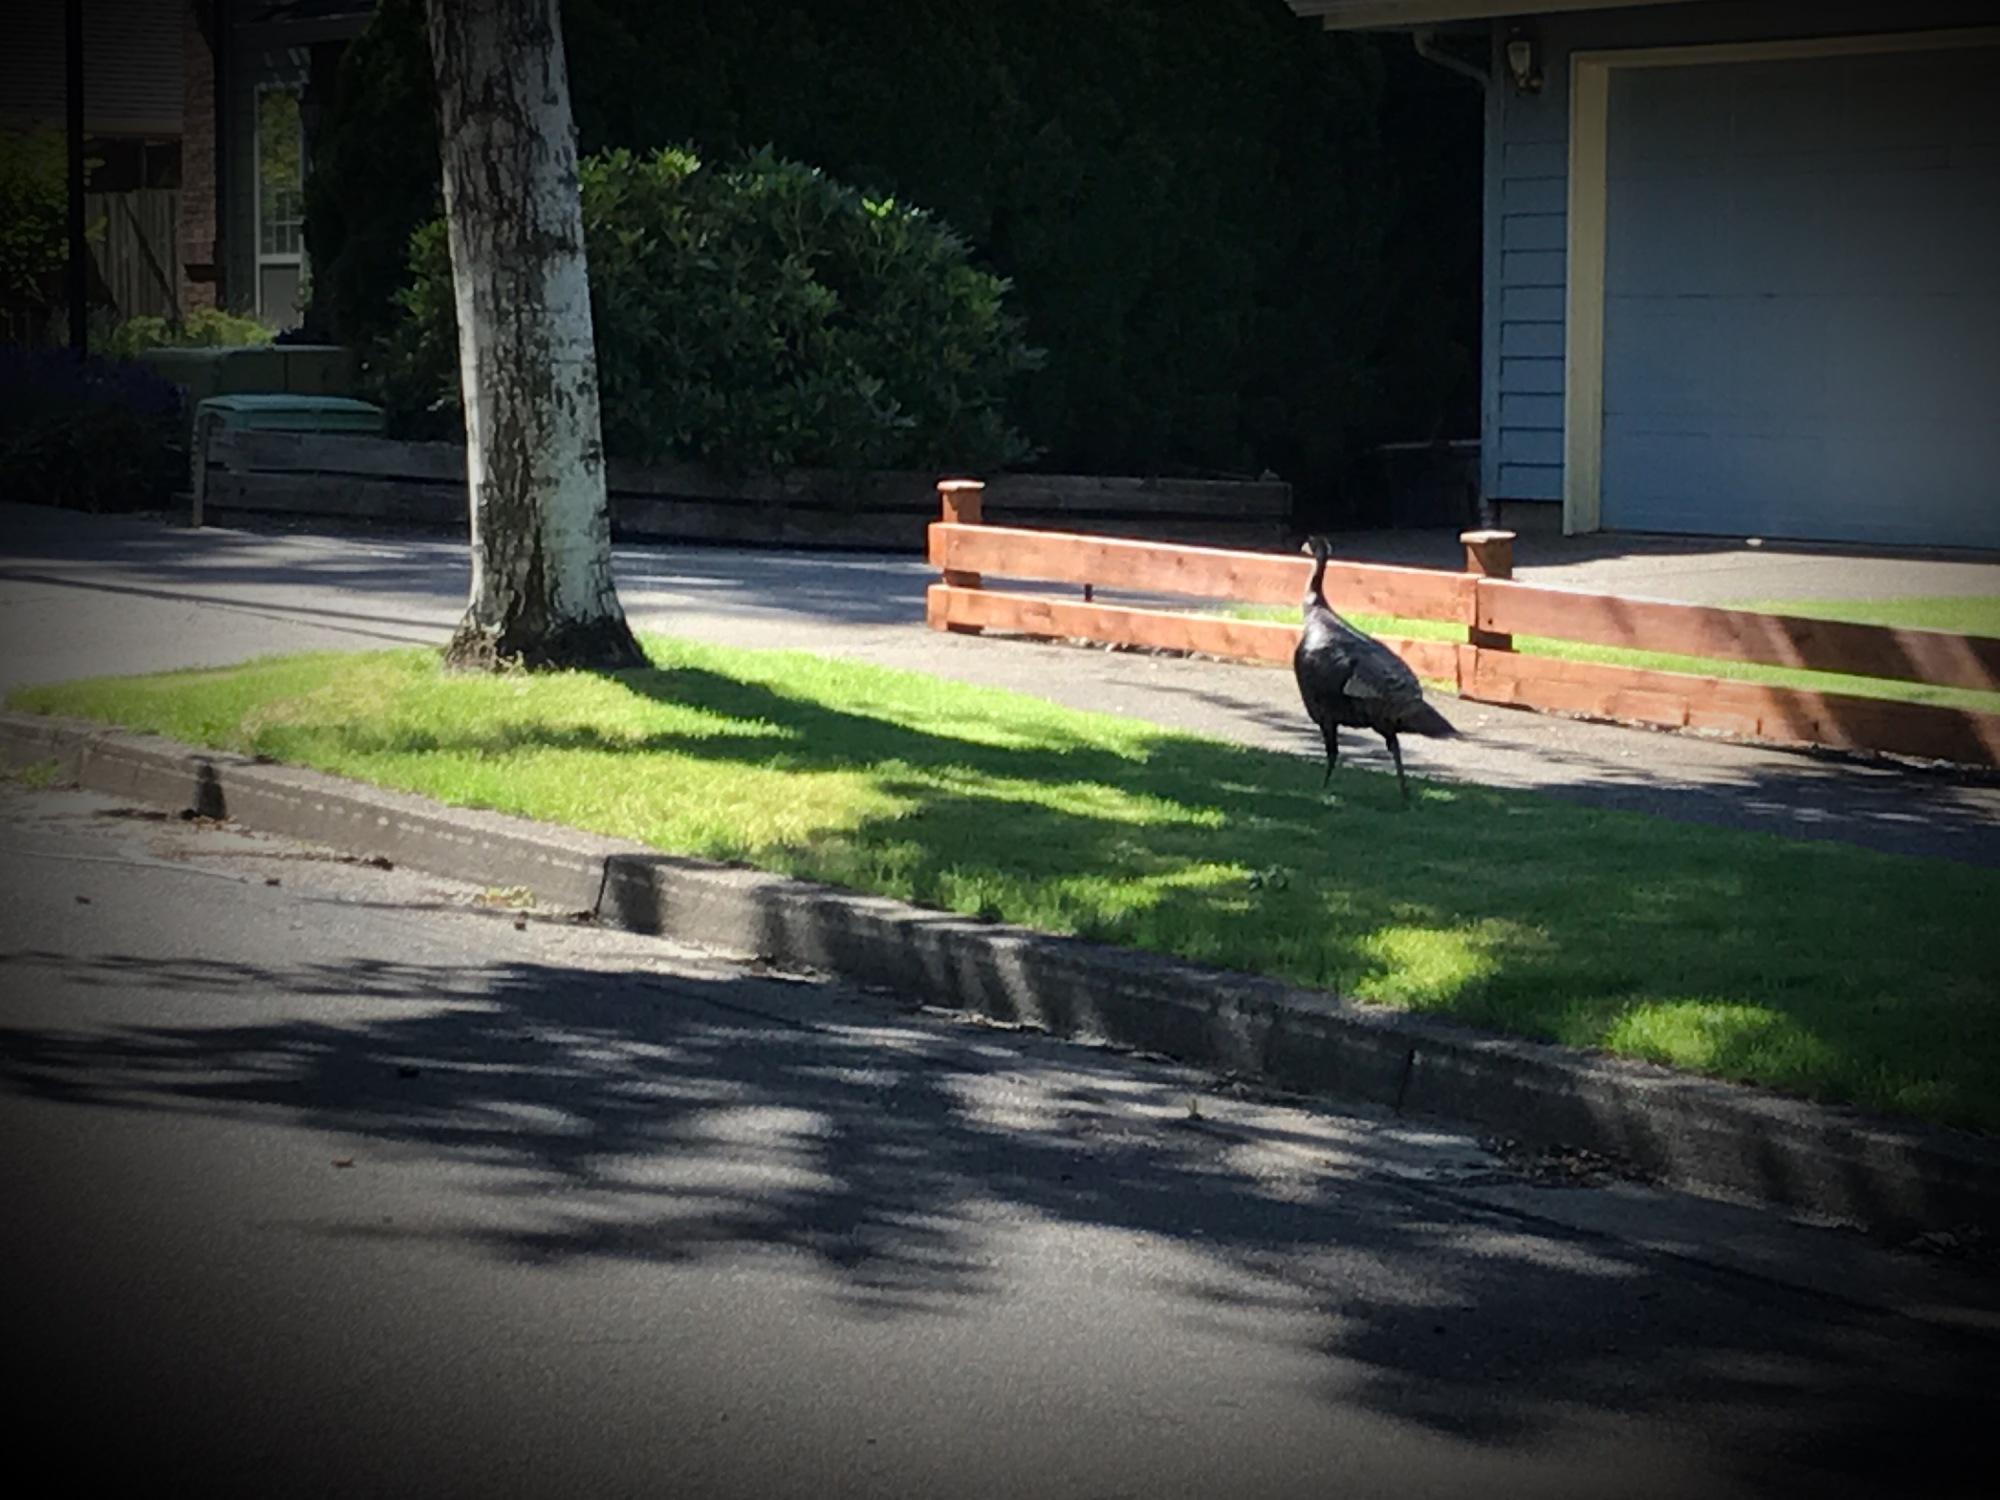 Wild Turkey Wandering By